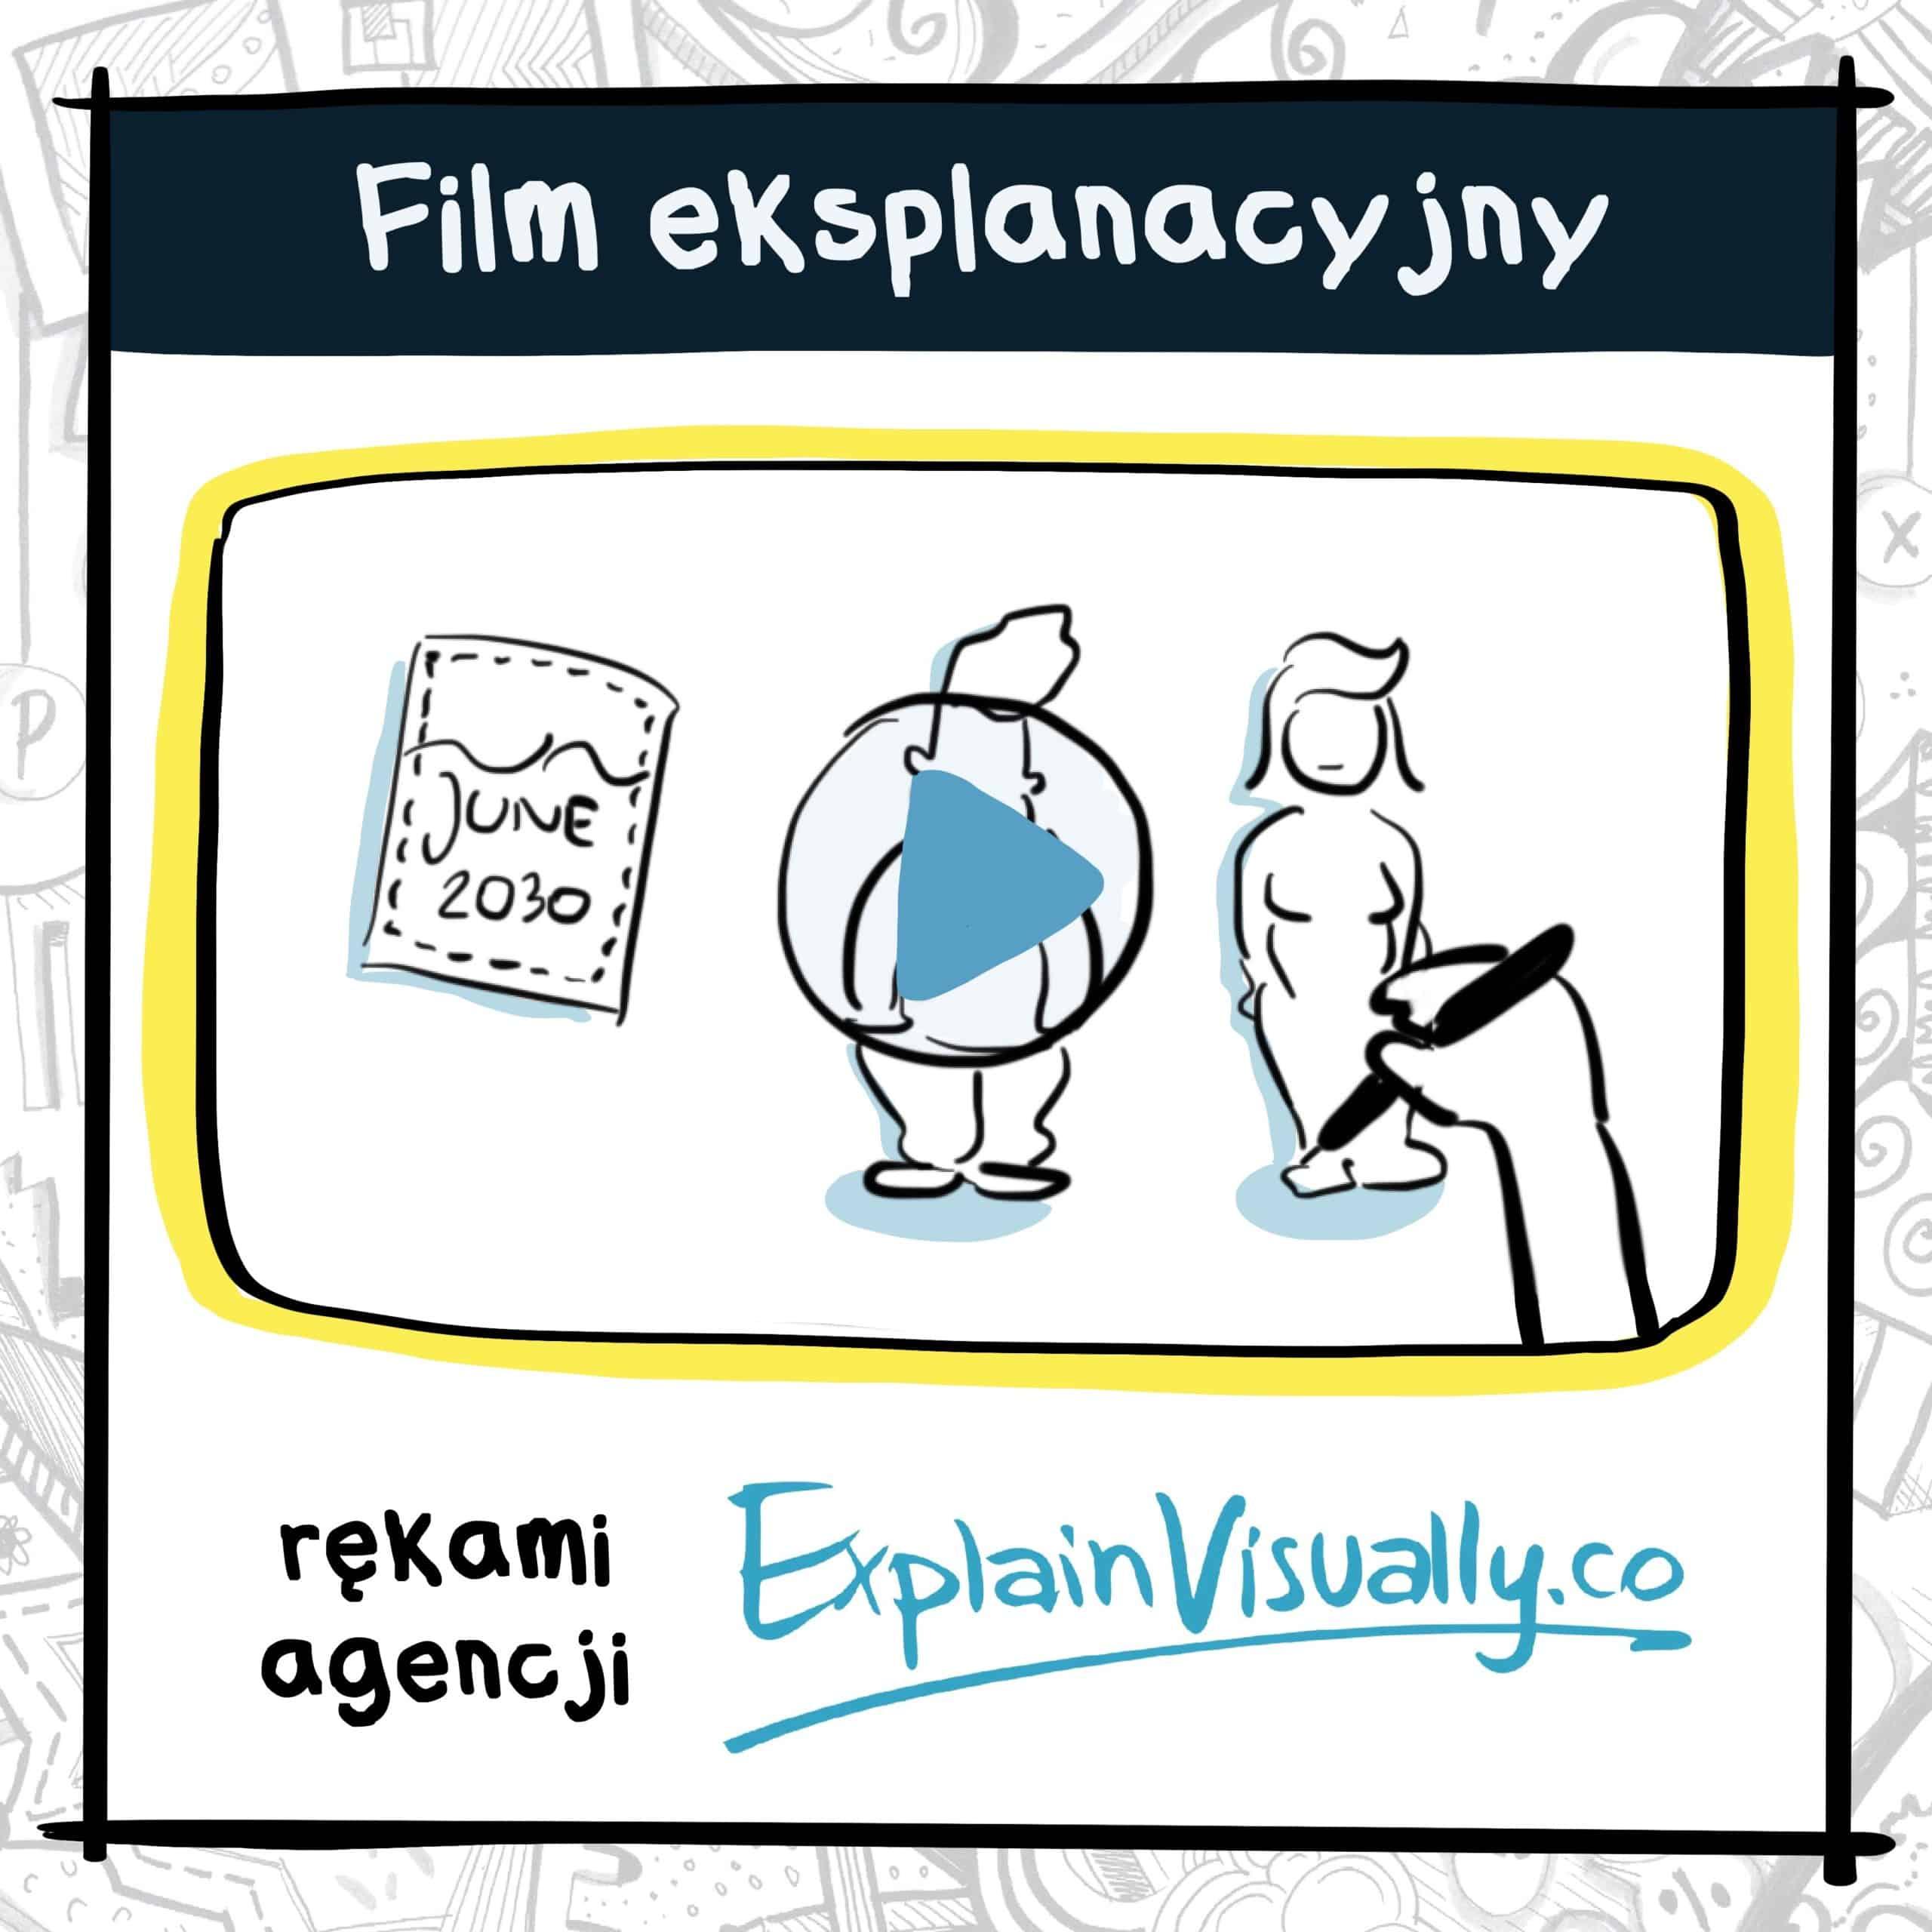 film eksplanacyjny